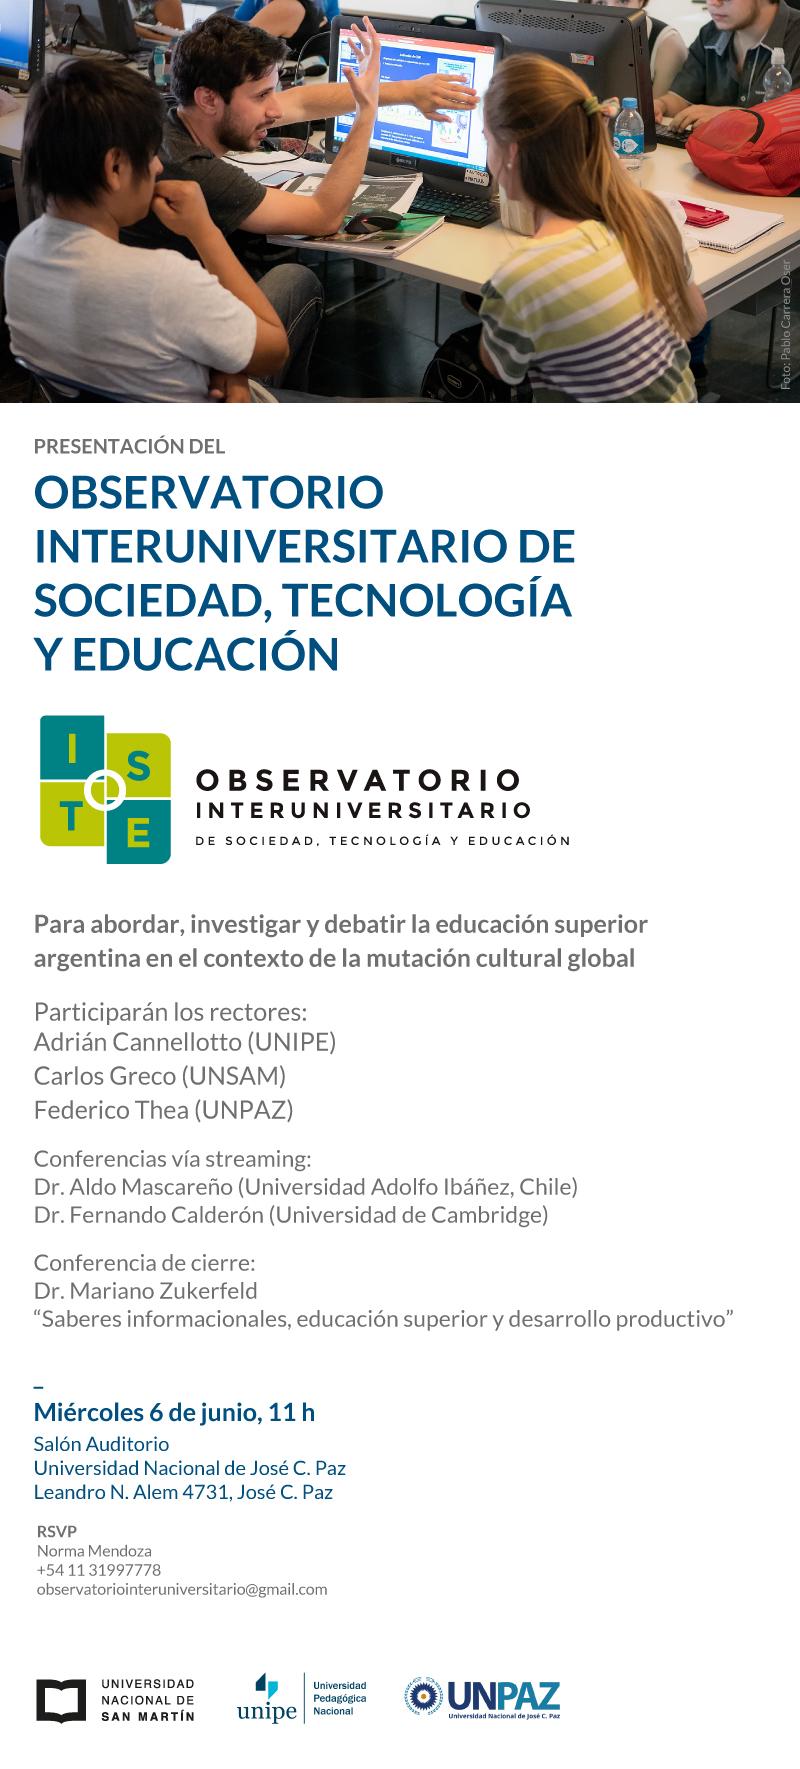 observatorio-interuniversitario1